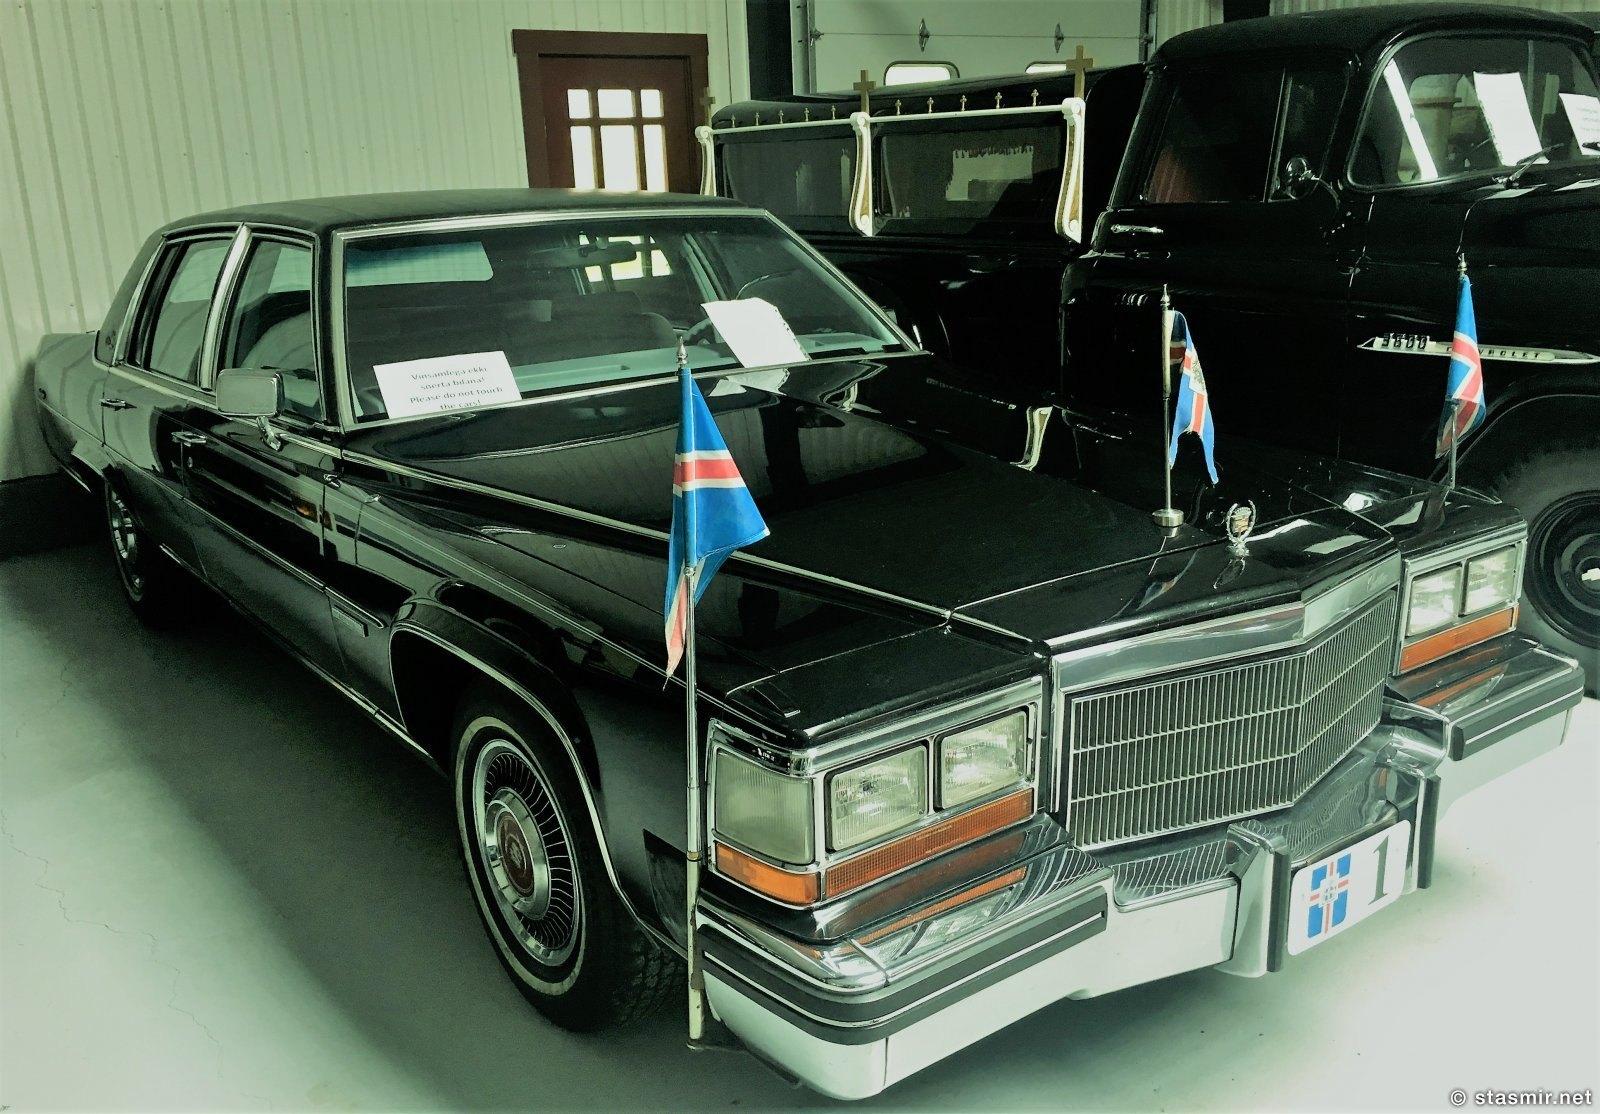 Борт номер один - президентское авто, на котором, как  хорошо помню, возили Вигдис Финнбогадоттир. Сейчас в музее. Фото Стасмир, photo Stasmir